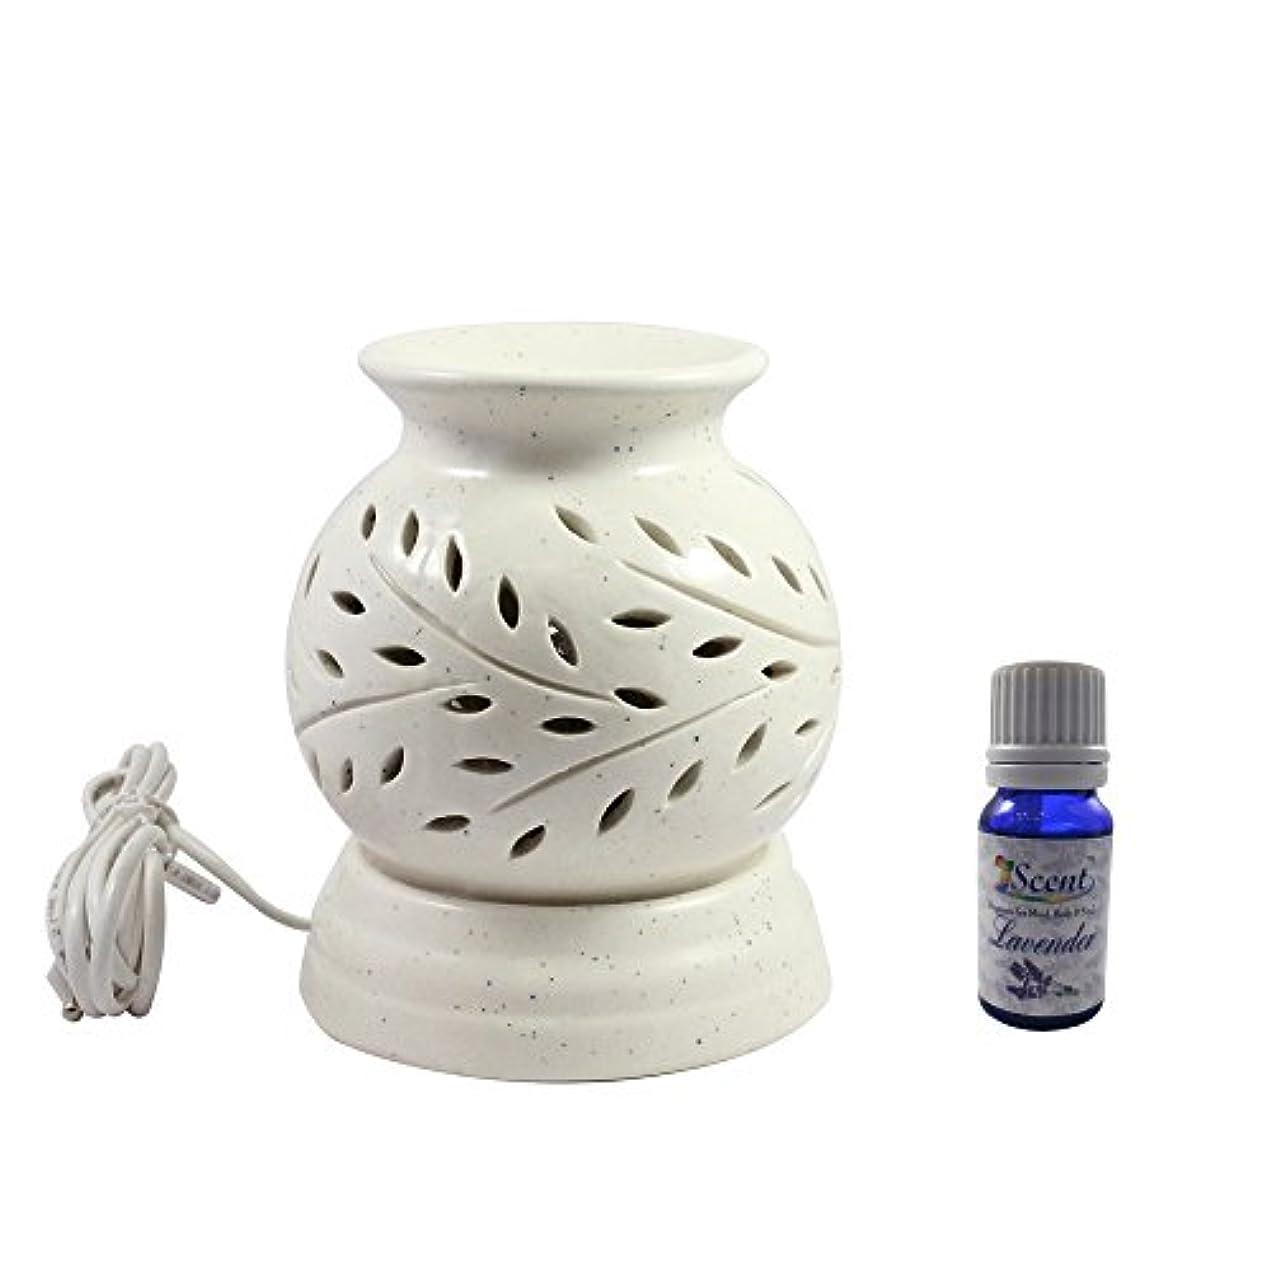 家庭装飾定期的に使用する汚染されていない手作りセラミックエスニック電気アロマディフューザーオイルバーナージャスミンフレグランスオイル|良質白い色の電気アロマテラピー香油暖かい数量1